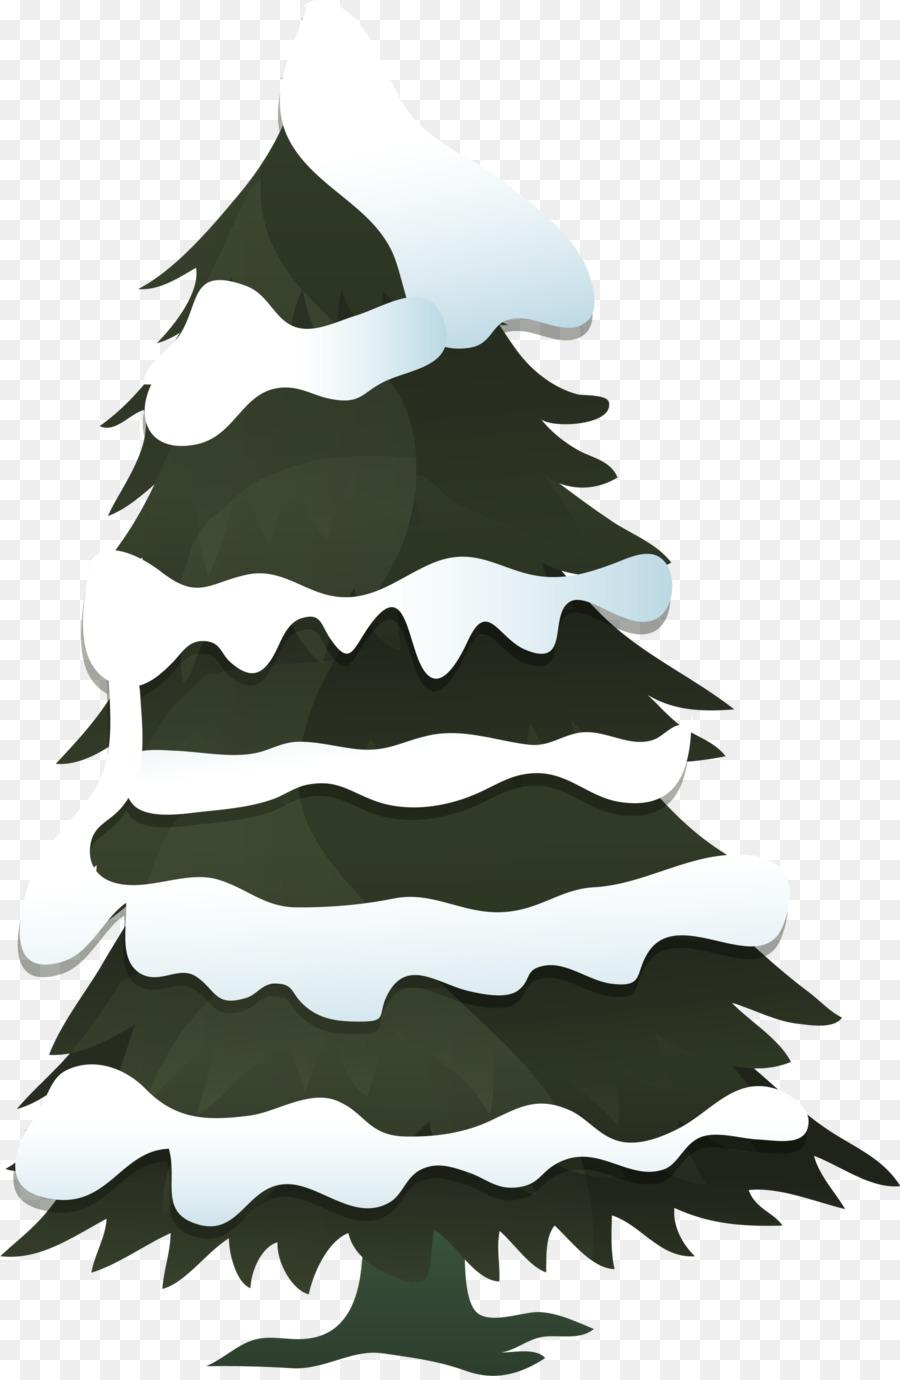 Descarga gratuita de árbol De Navidad, La Navidad, Copo De Nieve imágenes PNG